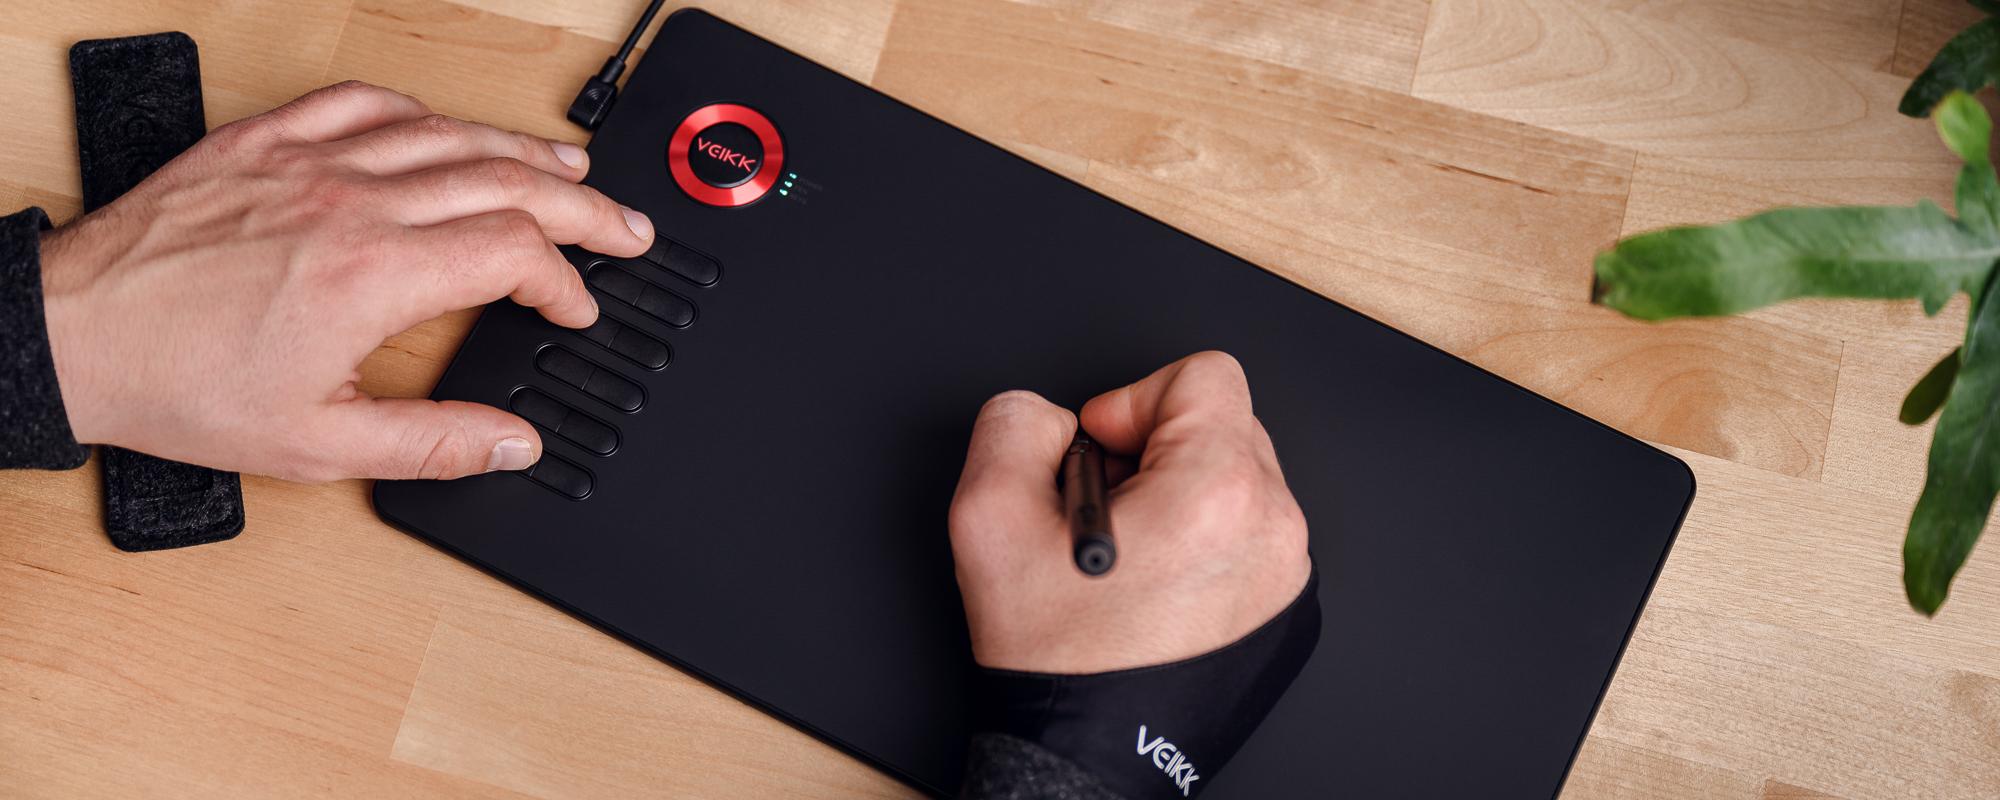 Zdjęcie - tablet graficzny Veikk A15 Pro na jasnobrązowym biurku, lewa dłoń mężczyzny naciska klawisz funkcyjny, prawa obsługuje piórko